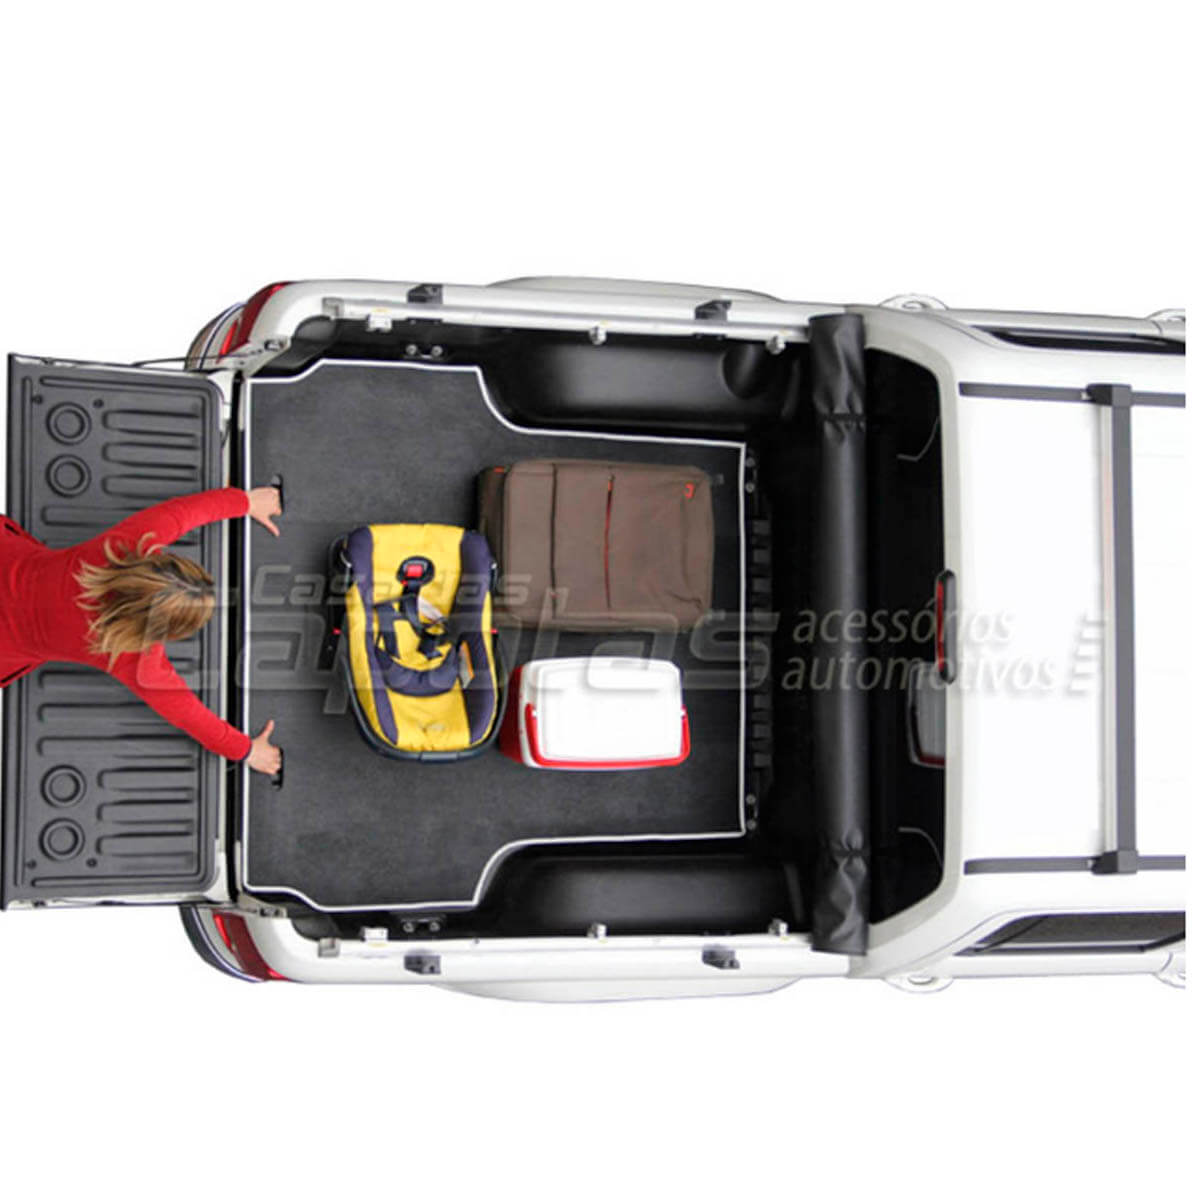 Tapete caçamba borracha L200 Triton 2012 a 2016 XB GL GLS GLX Outdoor MT Diesel